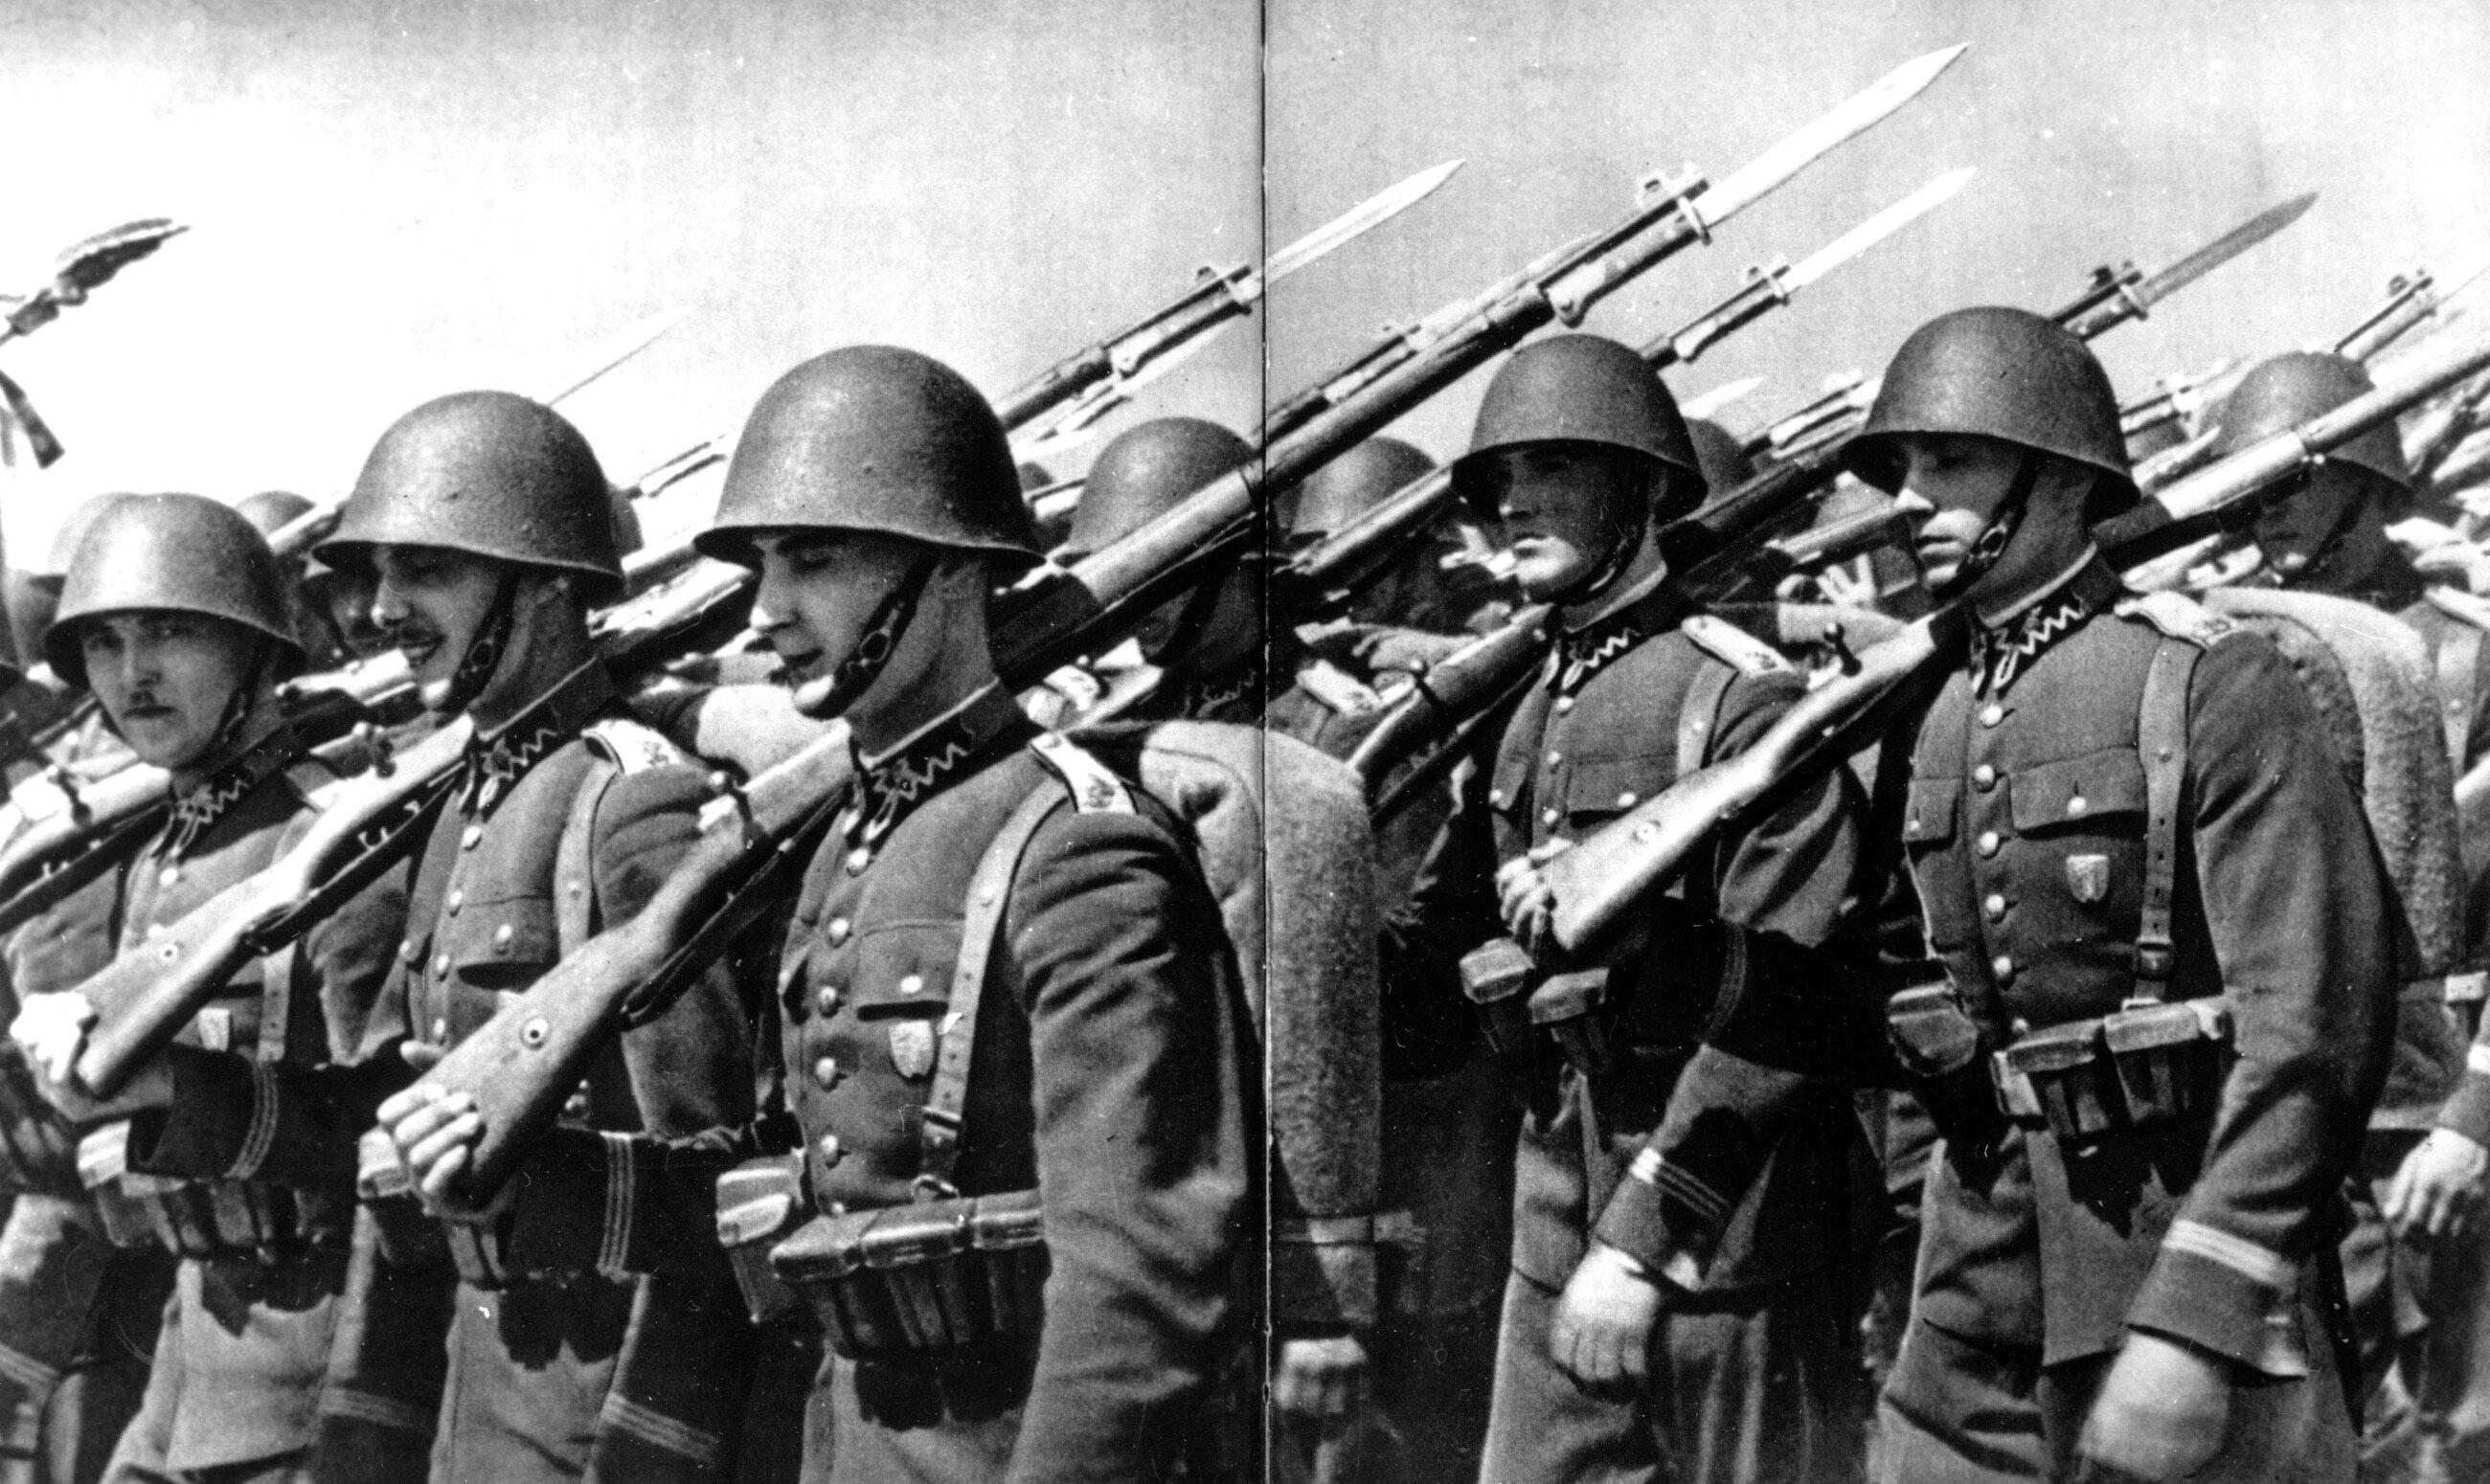 Poza Niemcami i Związkiem Radzieckim, jaki kraj zaatakował Polskę we wrześniu 1939 roku?